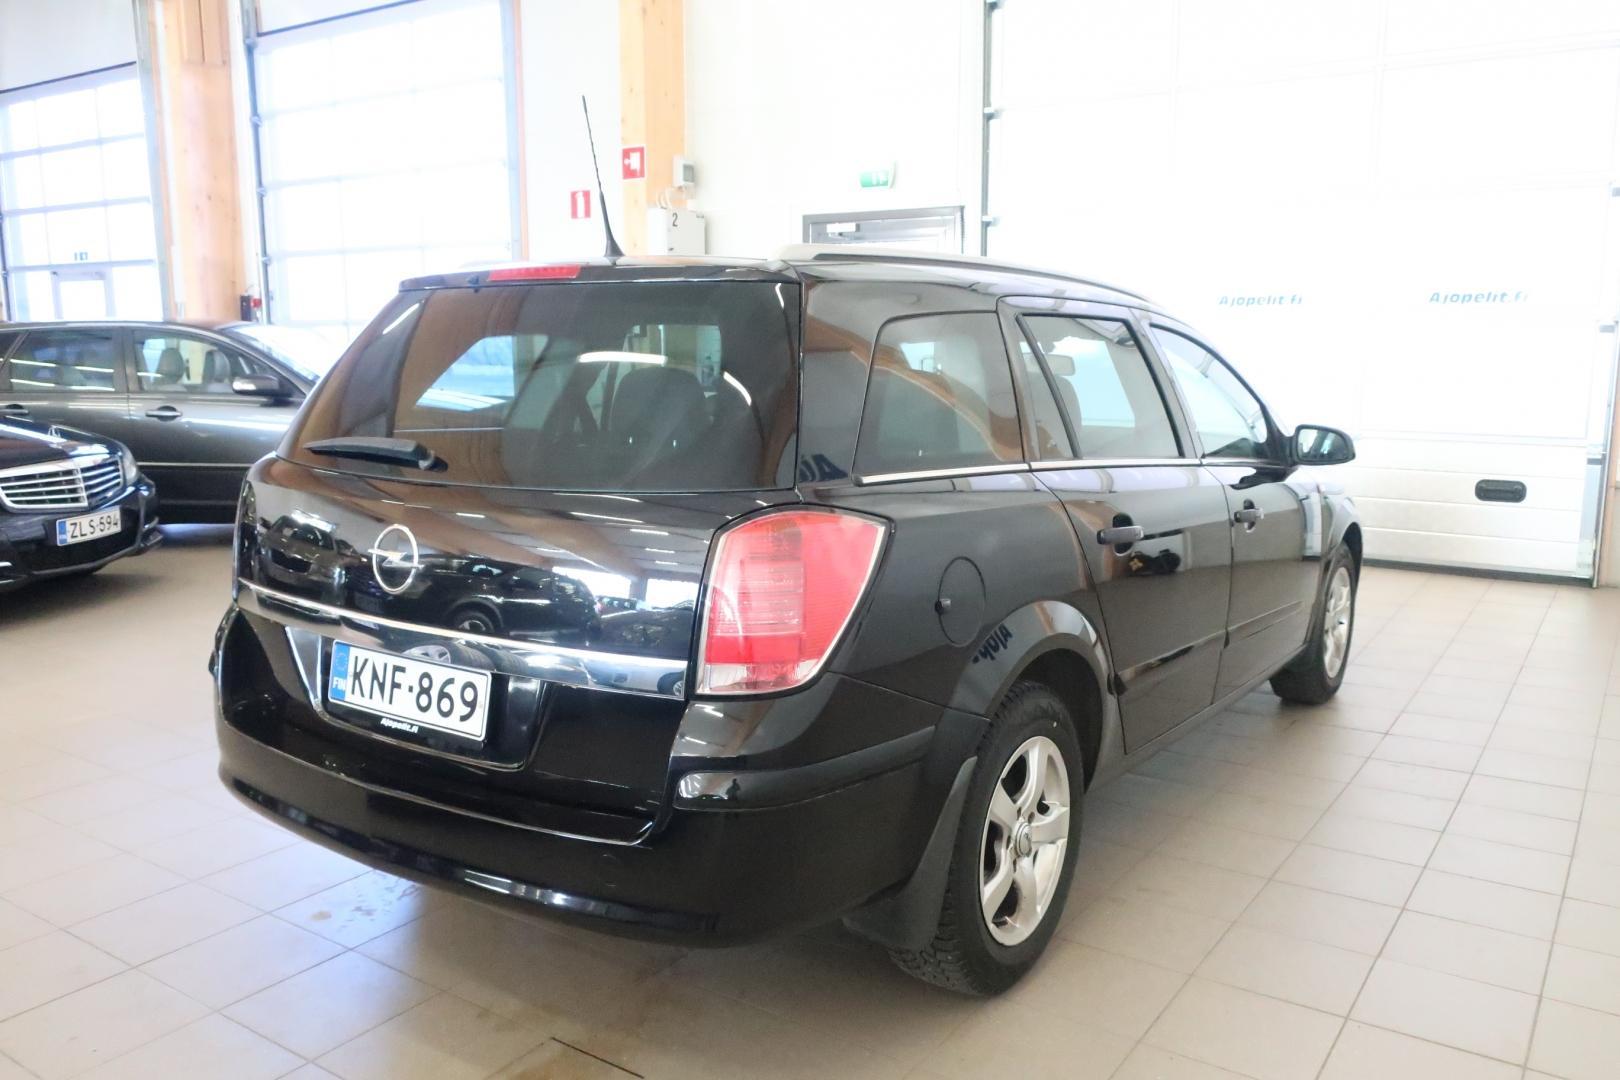 Opel Astra, 1.8-16 Cosmo Wagon Jopa ilman käsirahaa!